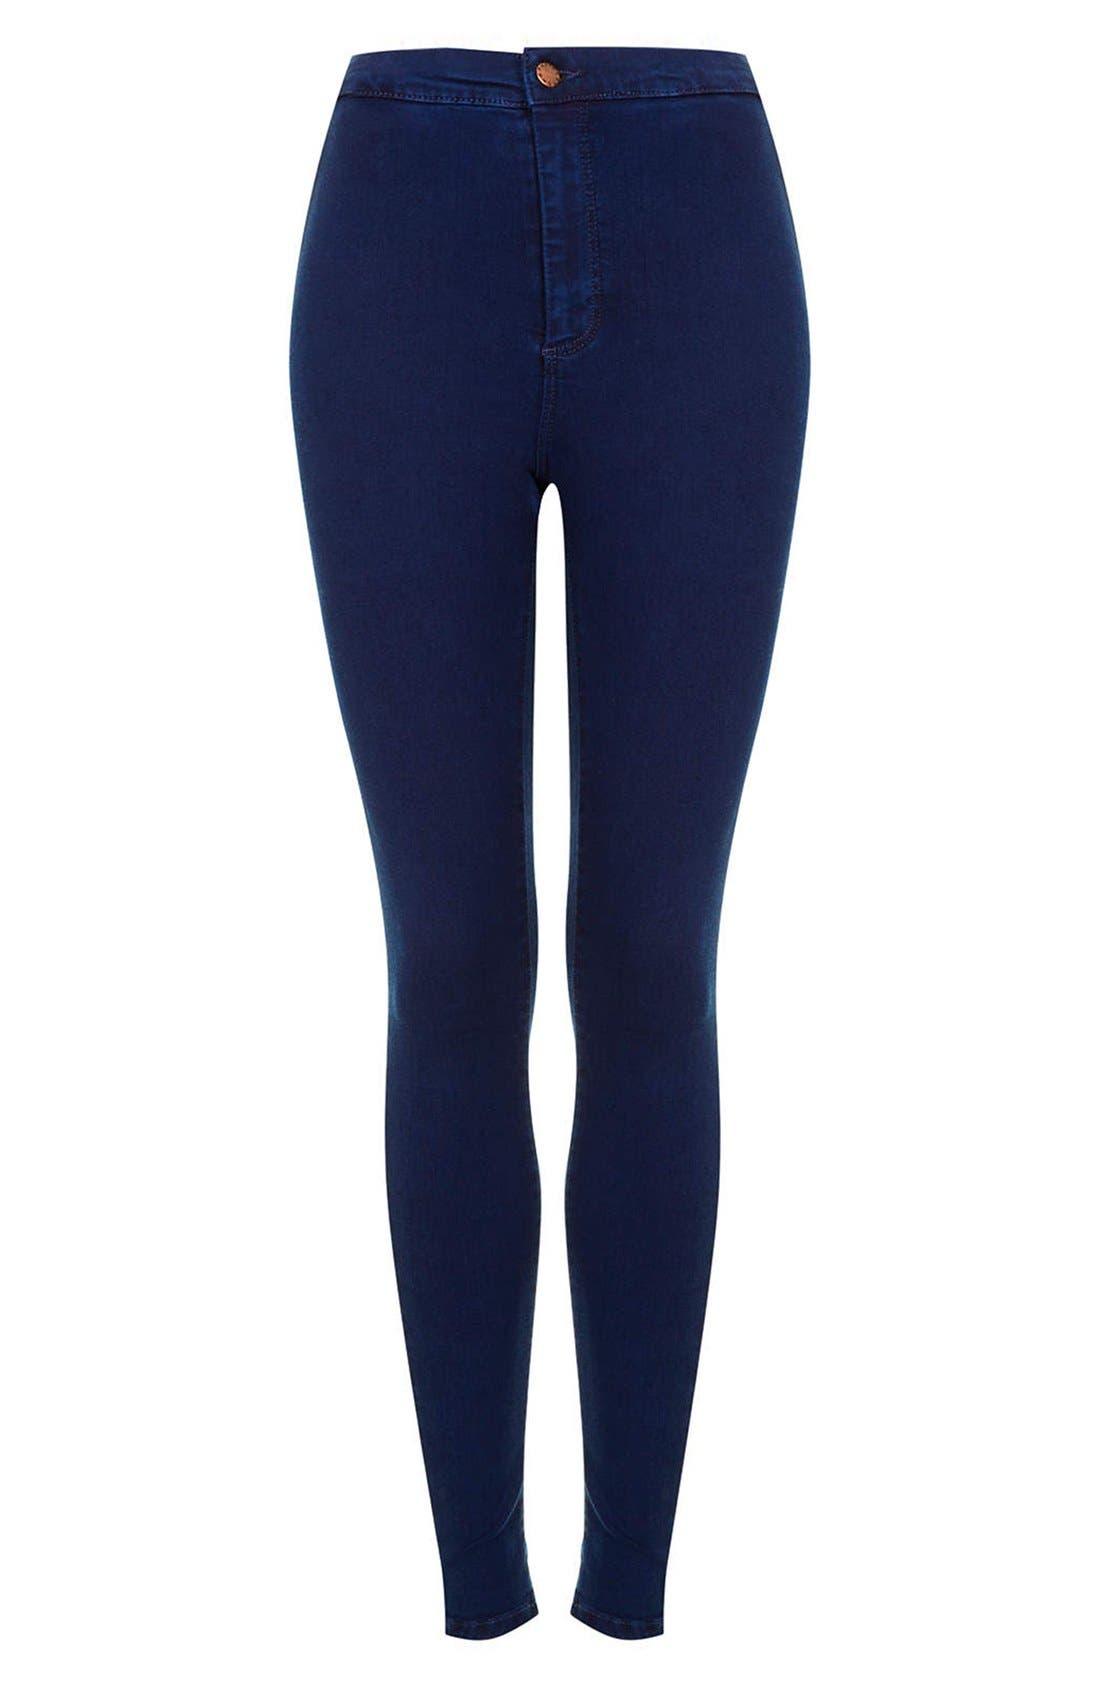 Alternate Image 3  - Topshop Moto 'Joni' High Rise Skinny Jeans (Blue) (Short)